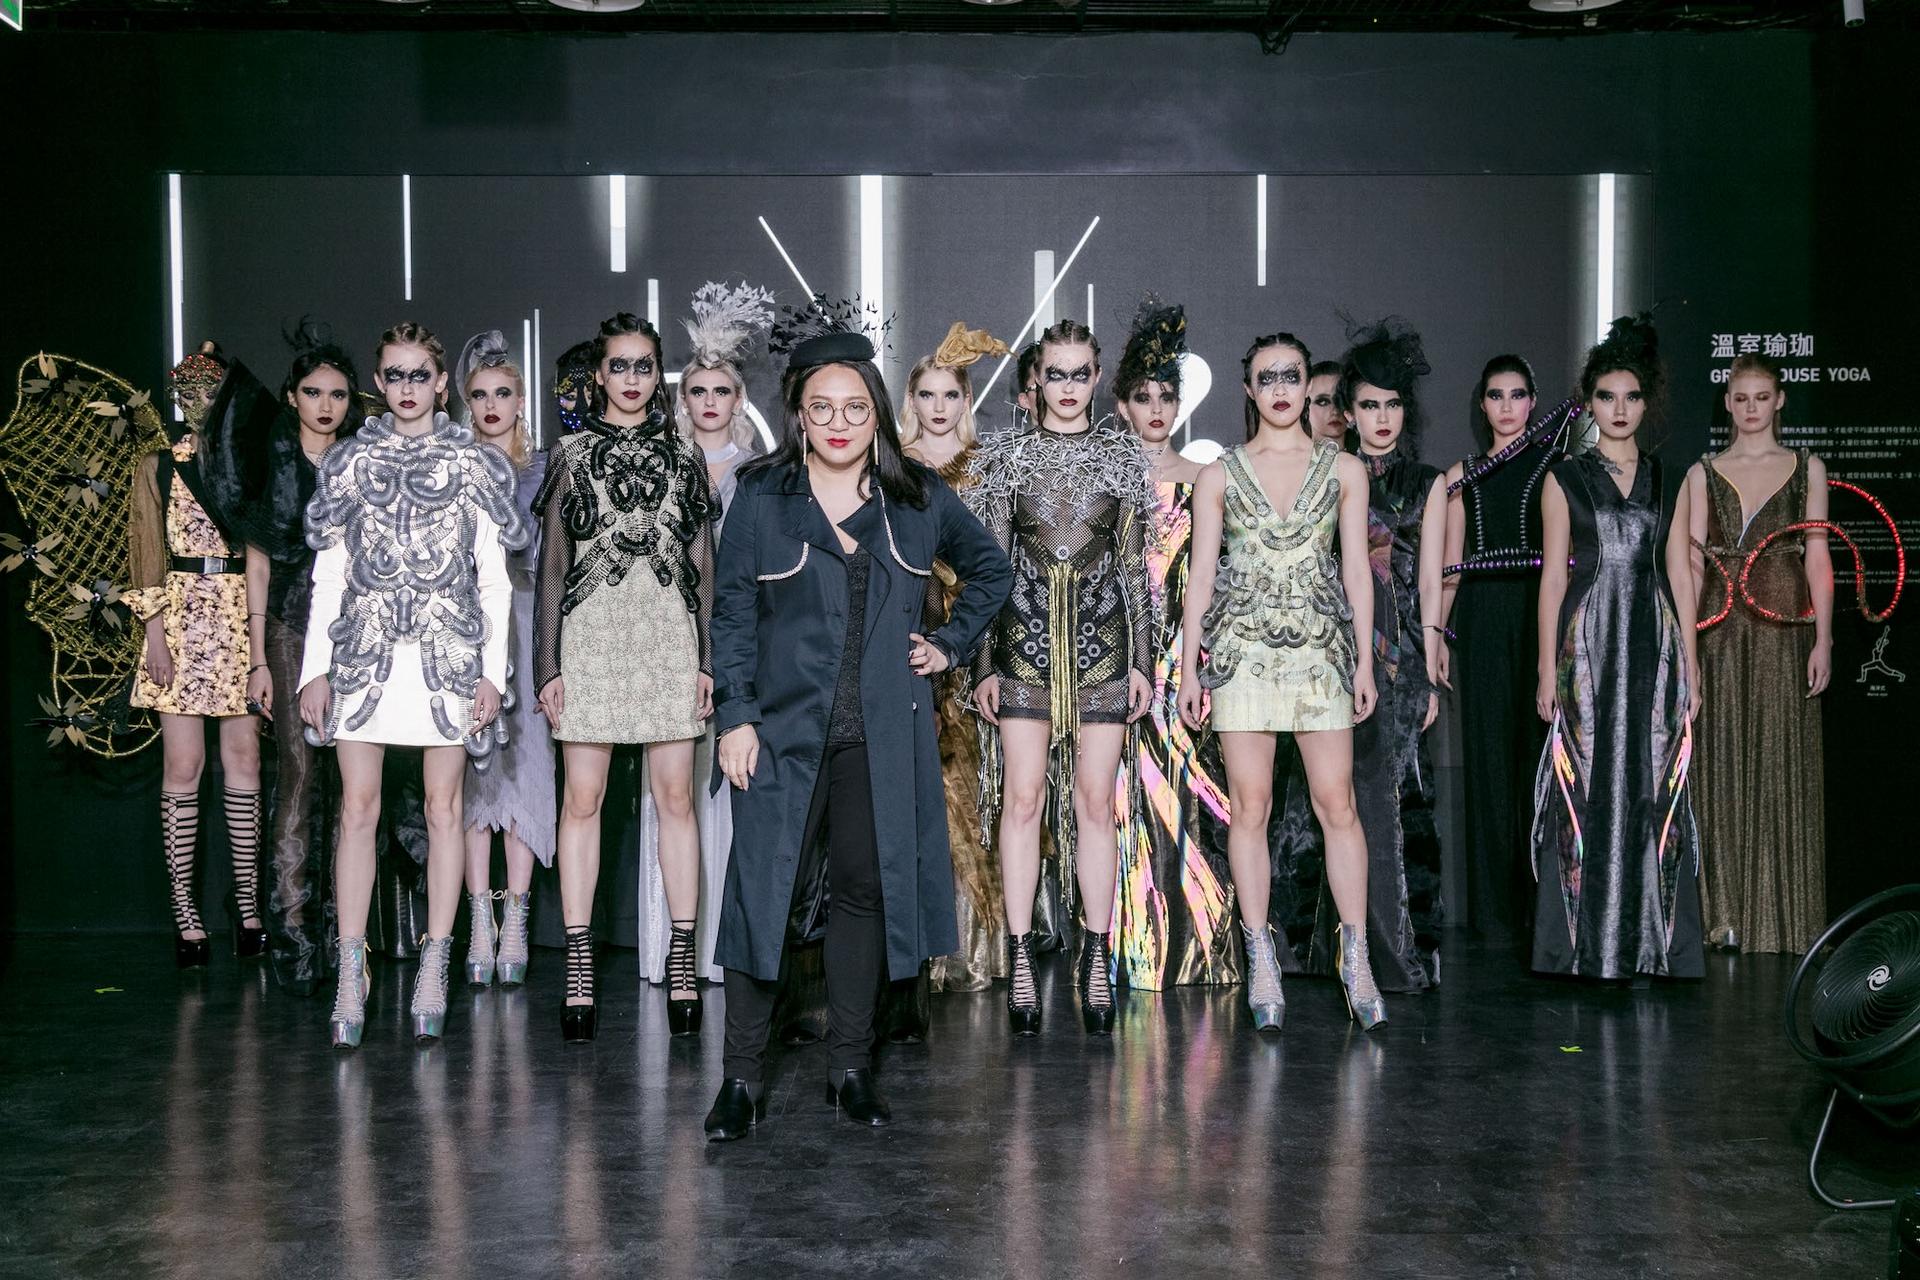 「電幻1號所」聯手曾登上紐約時裝周殿堂的知名服裝設計師汪俐伶,將展館變成走秀伸展台,破天荒舉辦「RENEW THE FUTURE永續時尚之夜」耶誕活動。